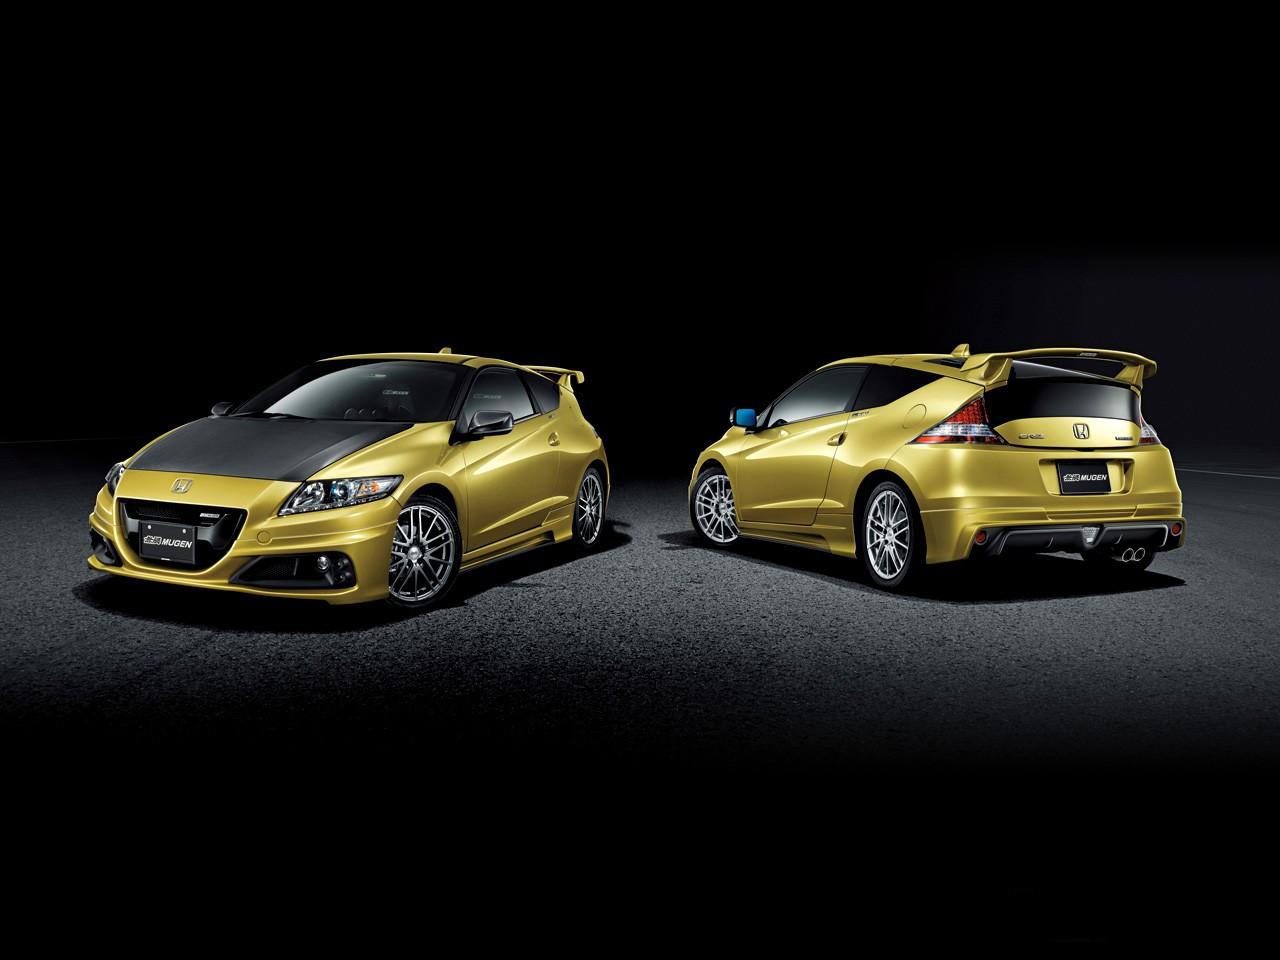 2012 Mugen Honda CR-Z